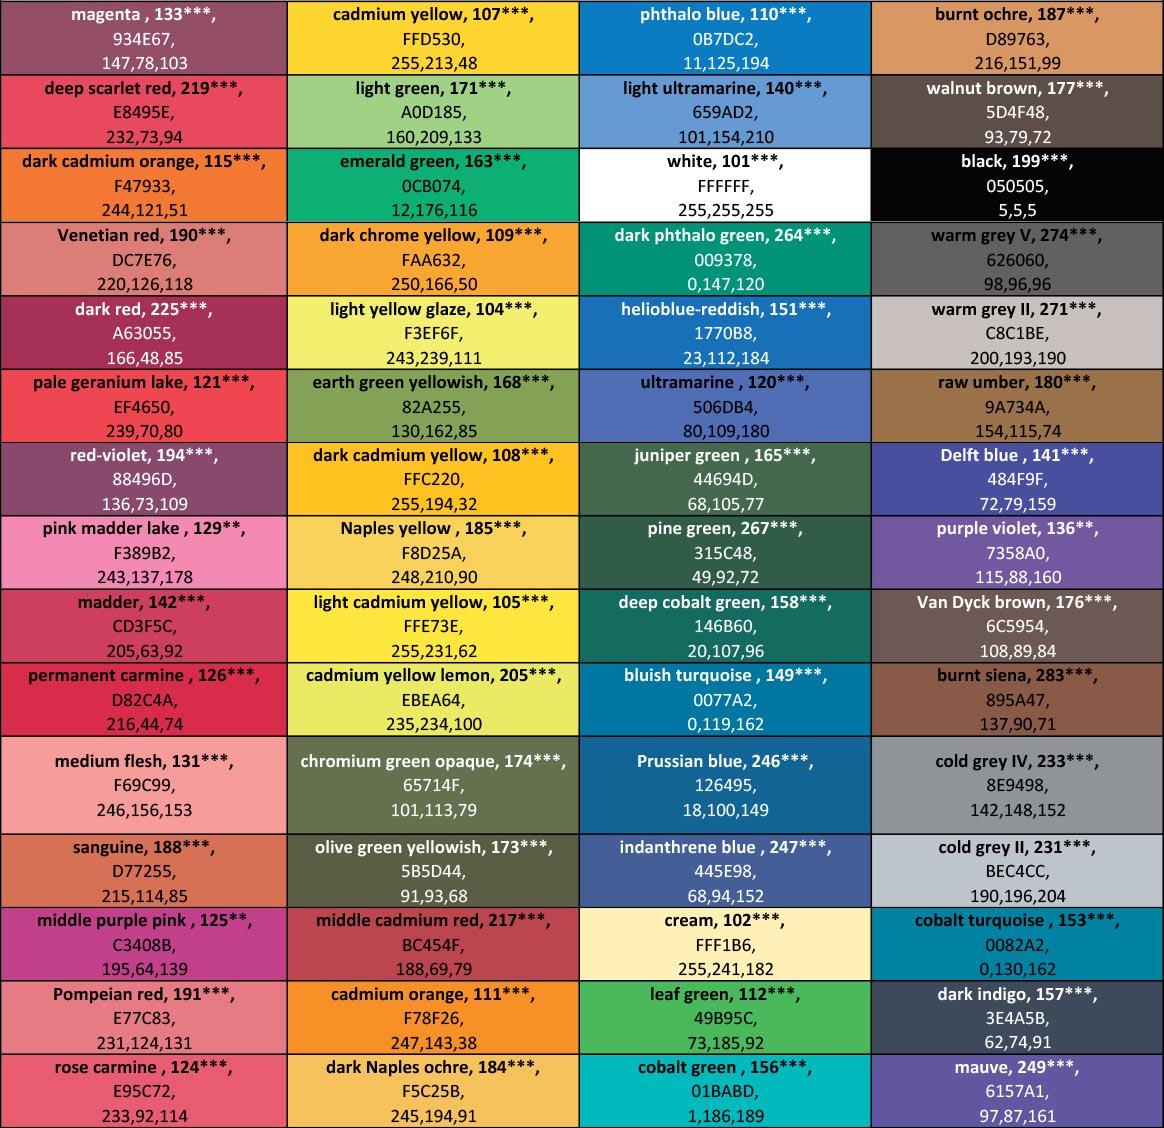 کاتالوگ رنگ های فابر کاستل پلی کروم 60 رنگ